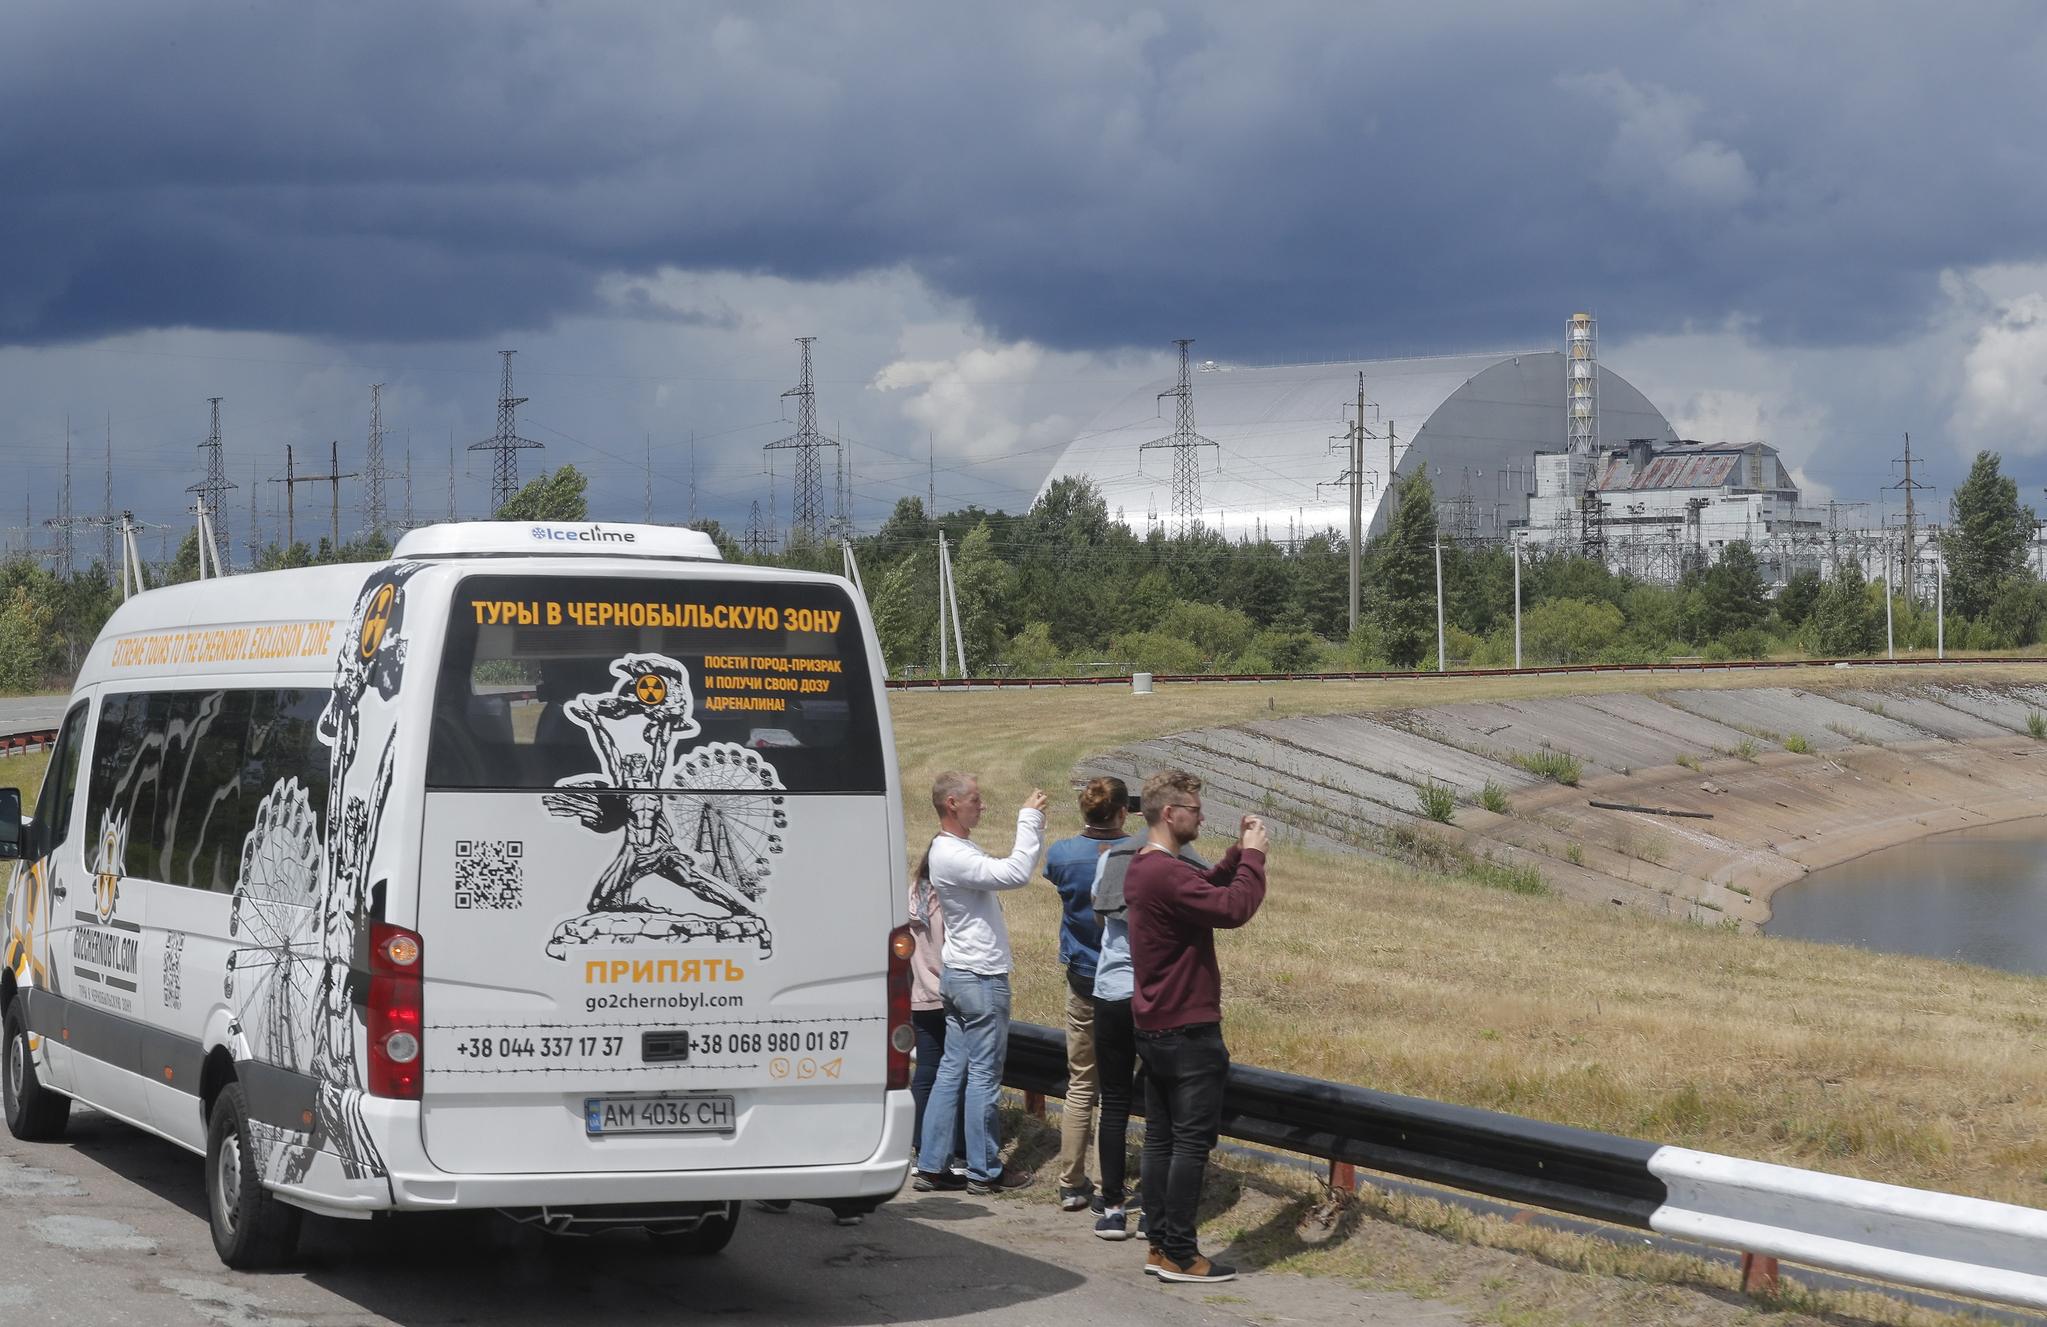 관광객들이 10일(현지시간) 체르노빌 원전 4호기 철제 방호 덮개를 촬영하고 있다. [EPA=연합뉴스]